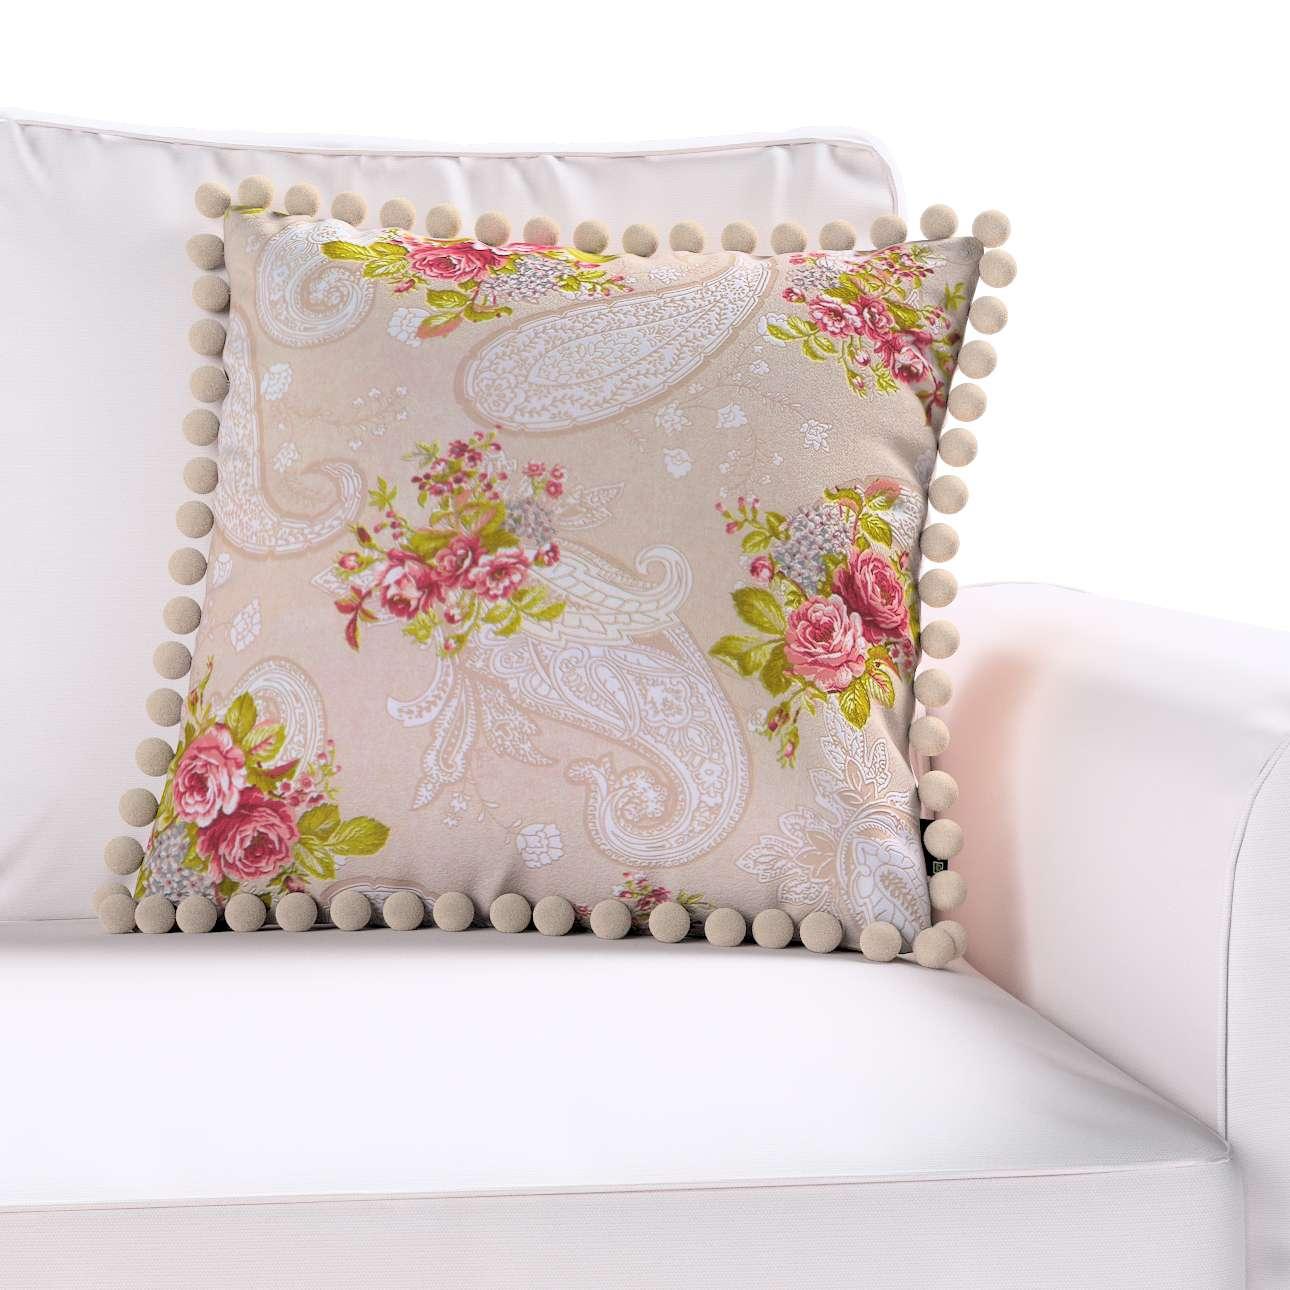 Wera dekoratyvinės pagalvėlės užvalkalas su žaismingais kraštais 45 × 45 cm kolekcijoje Flowers, audinys: 311-15